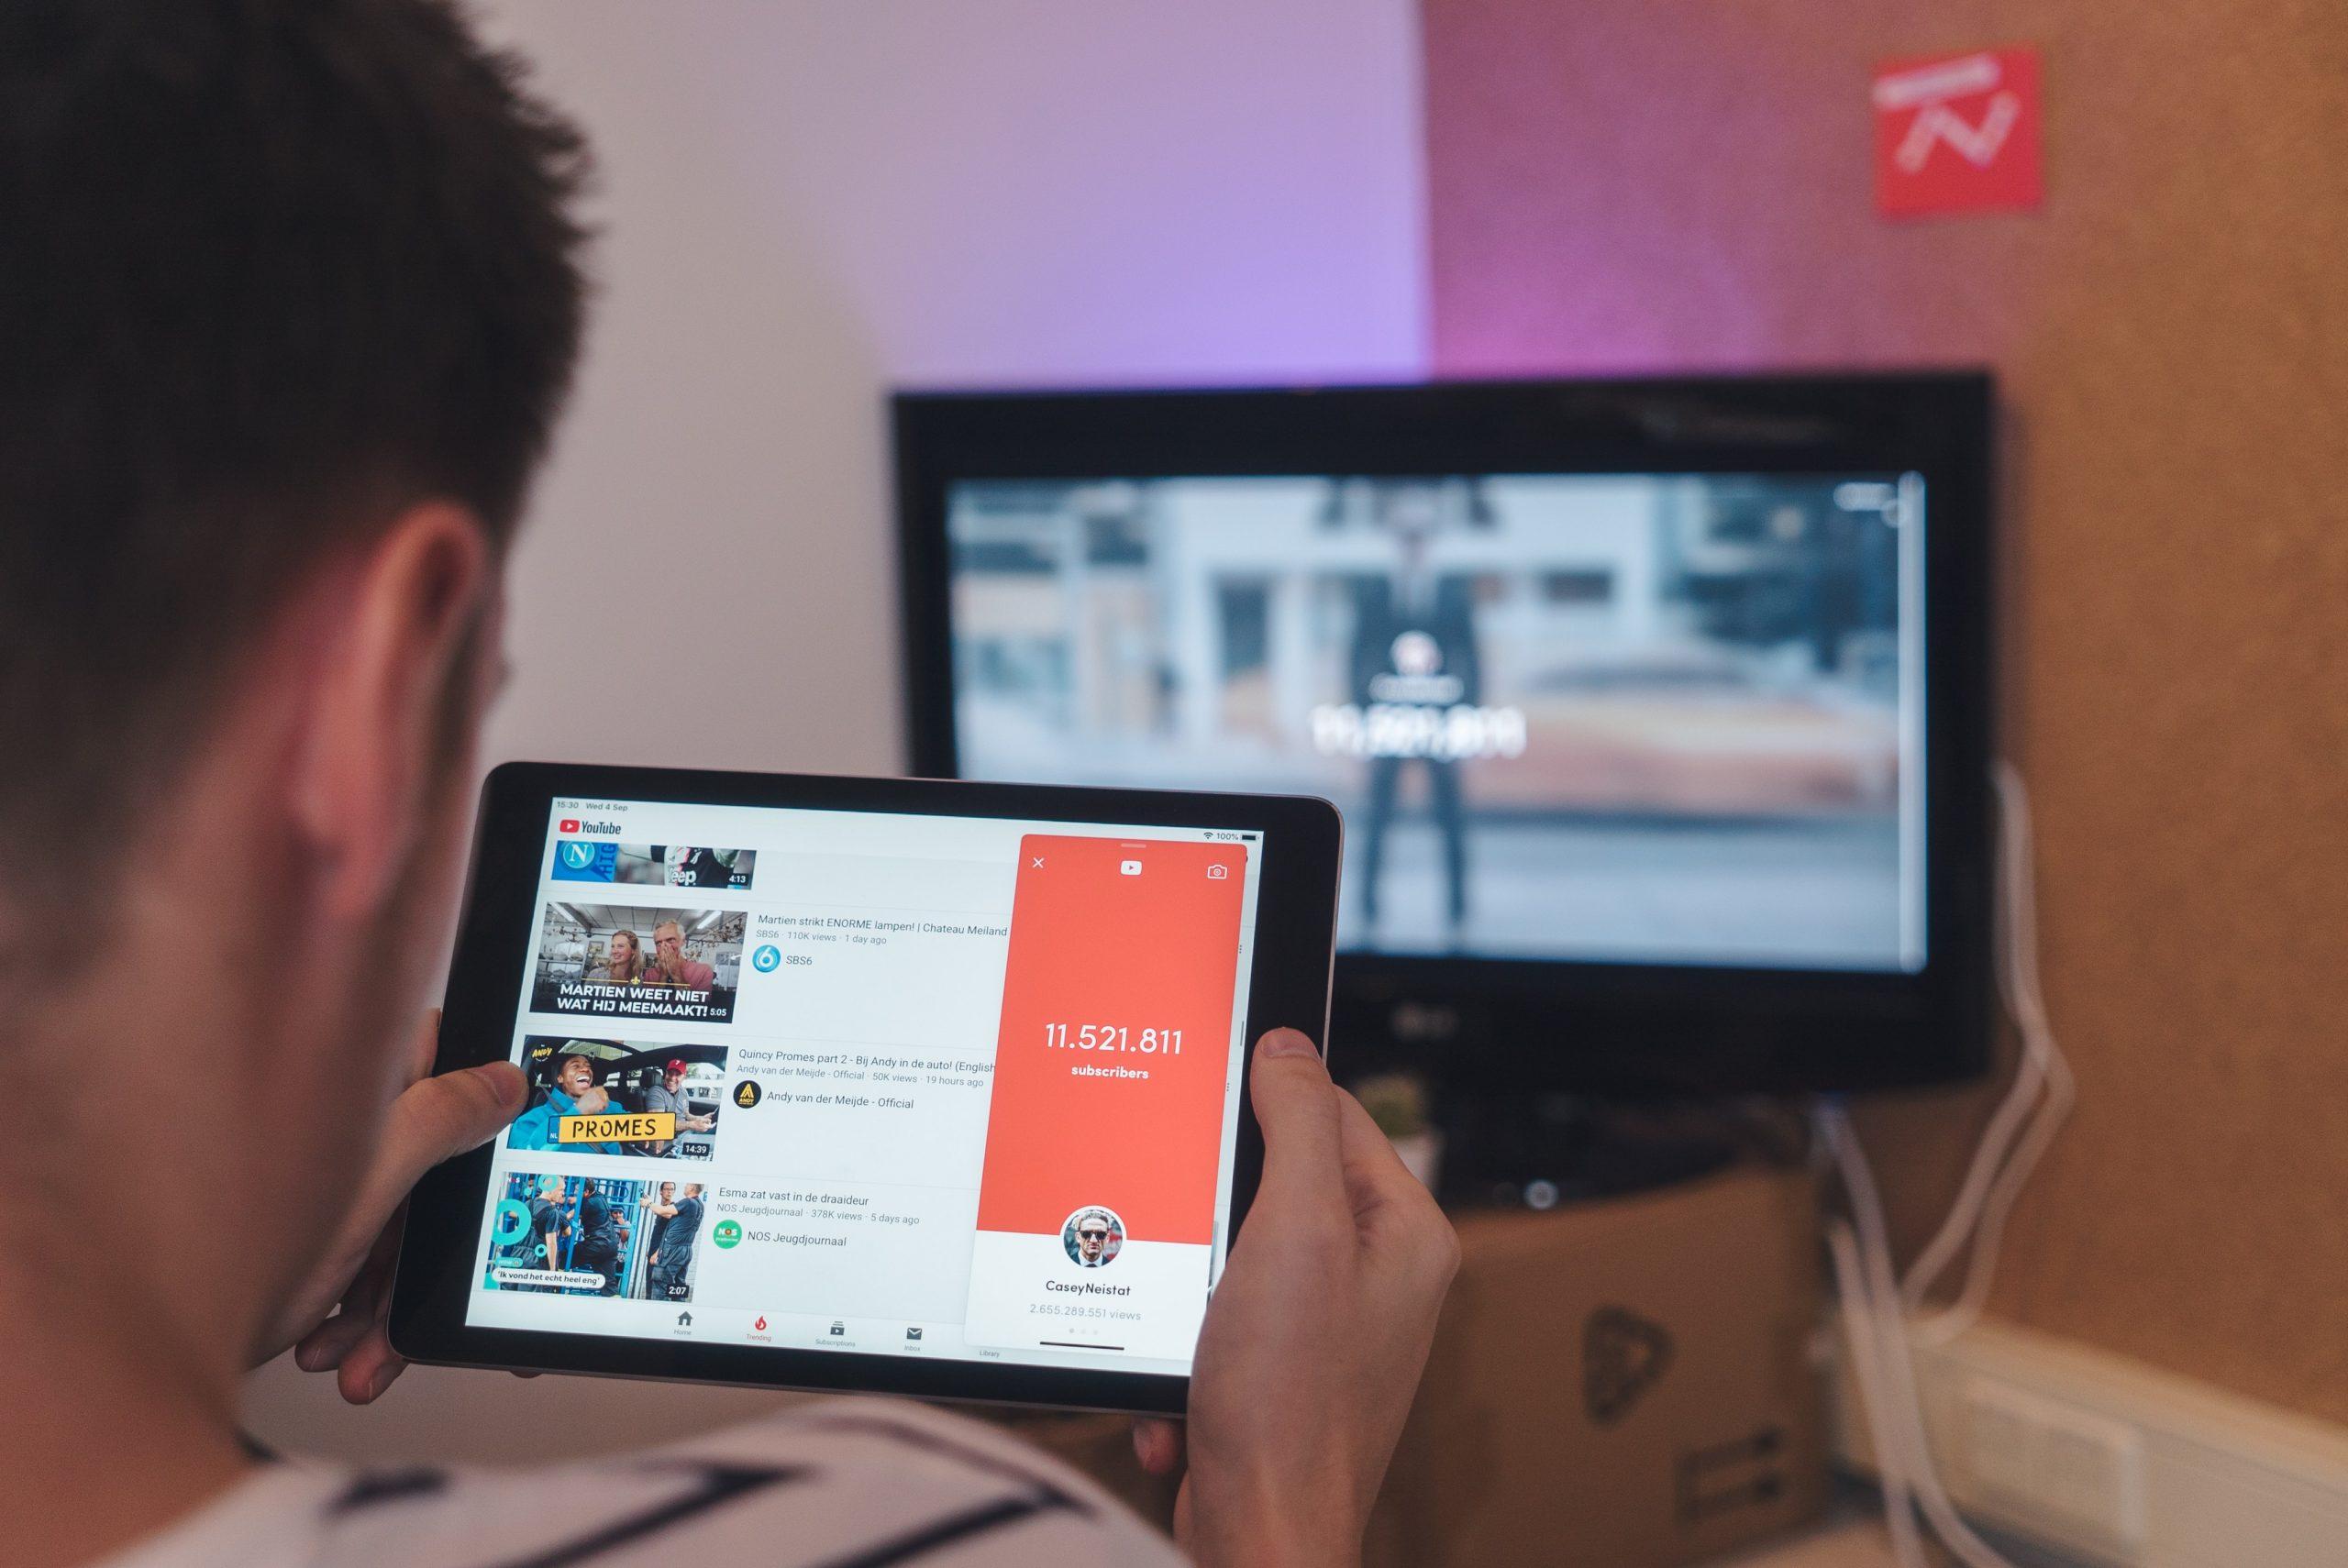 Persona sincronizando tablet con smart TV